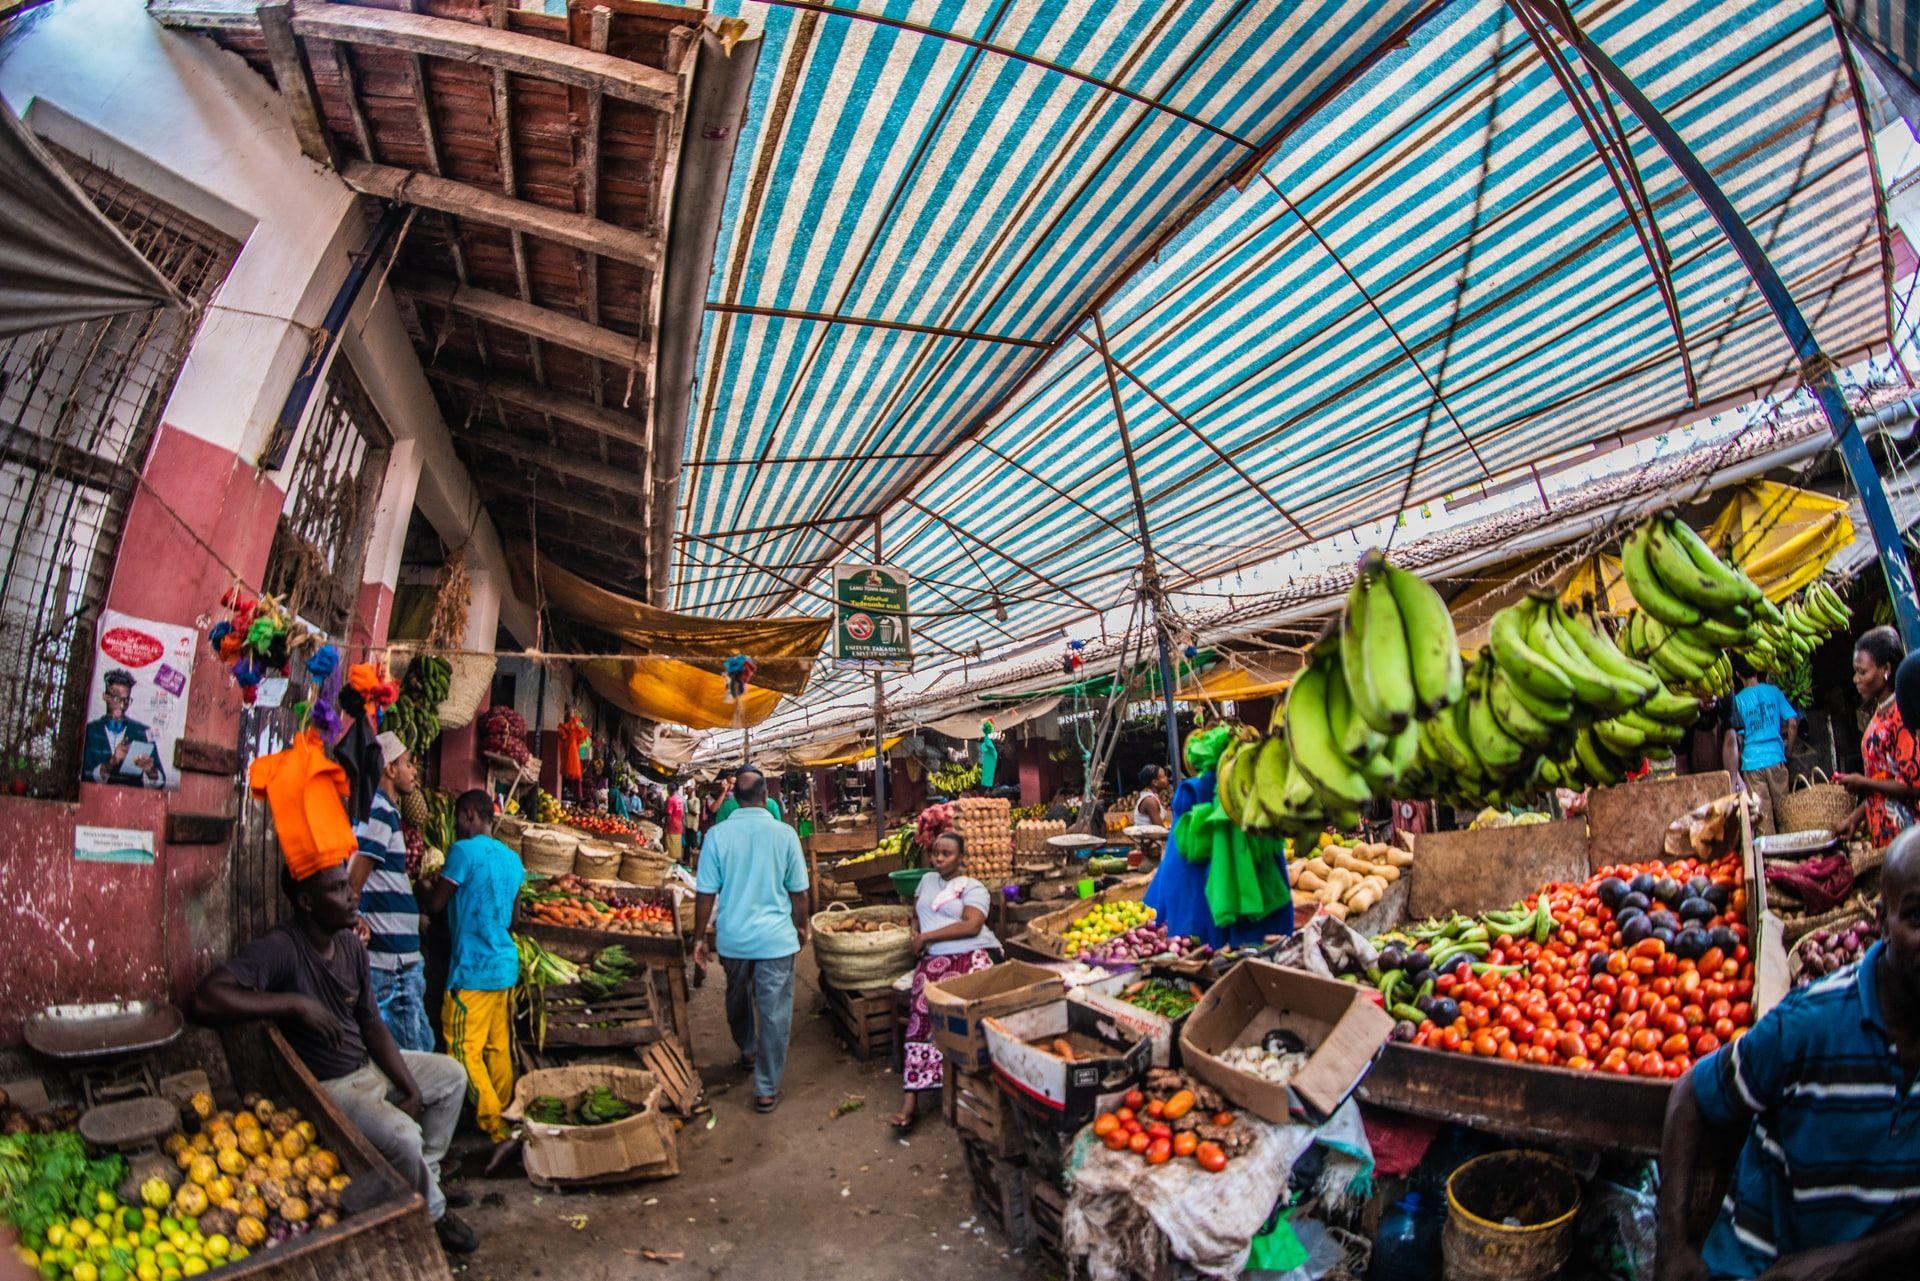 TOUGHER PROTOCOLS IN AFRICA: A market in Lamu, Kenya.